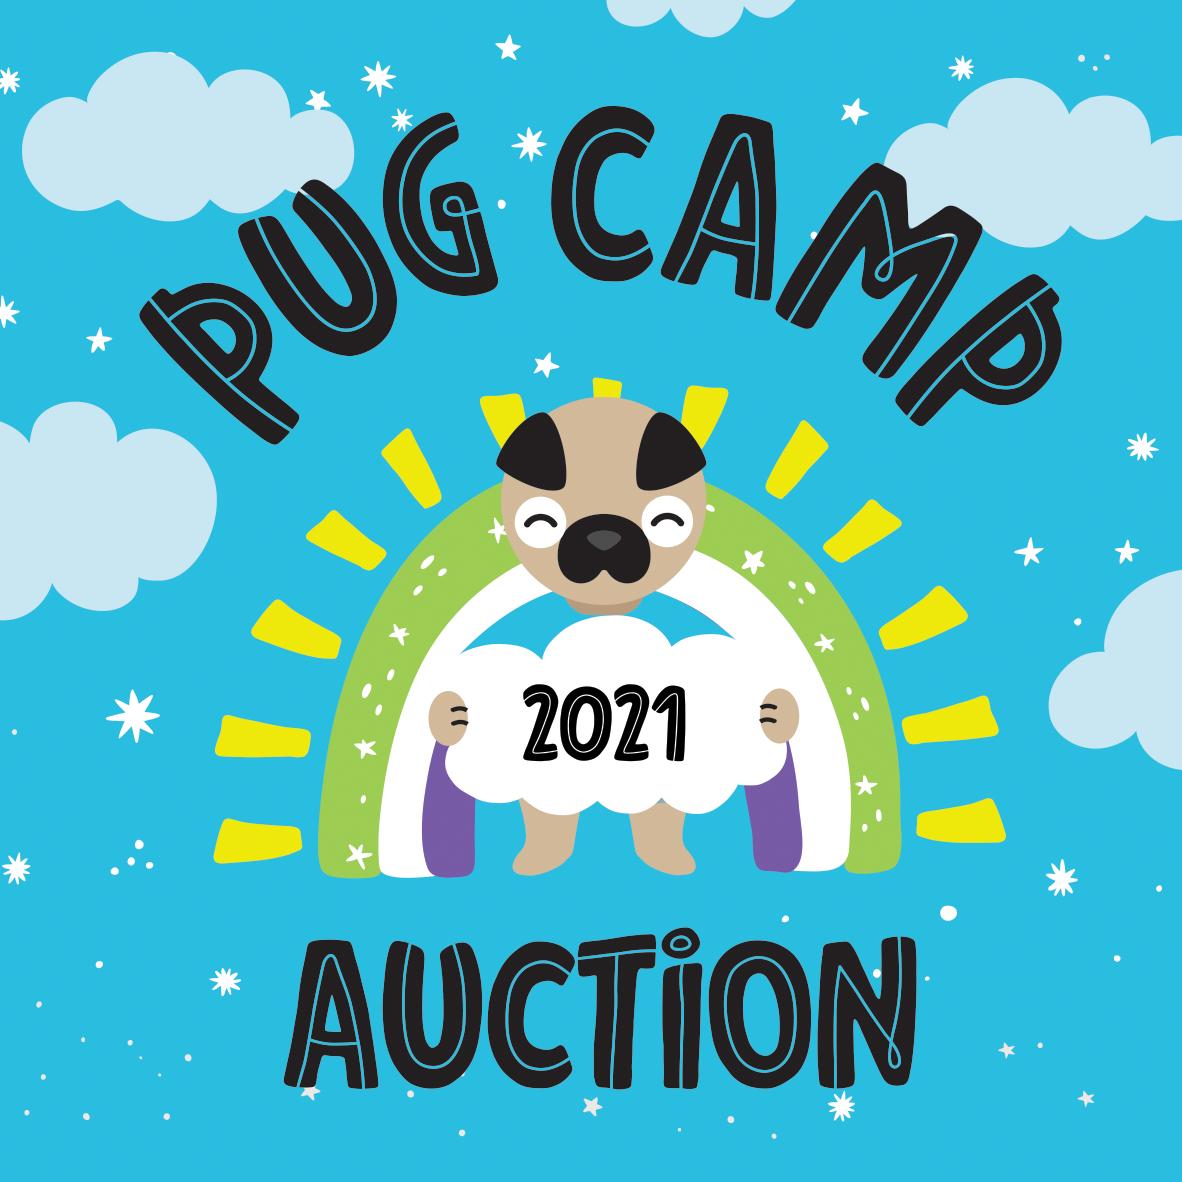 auction registration